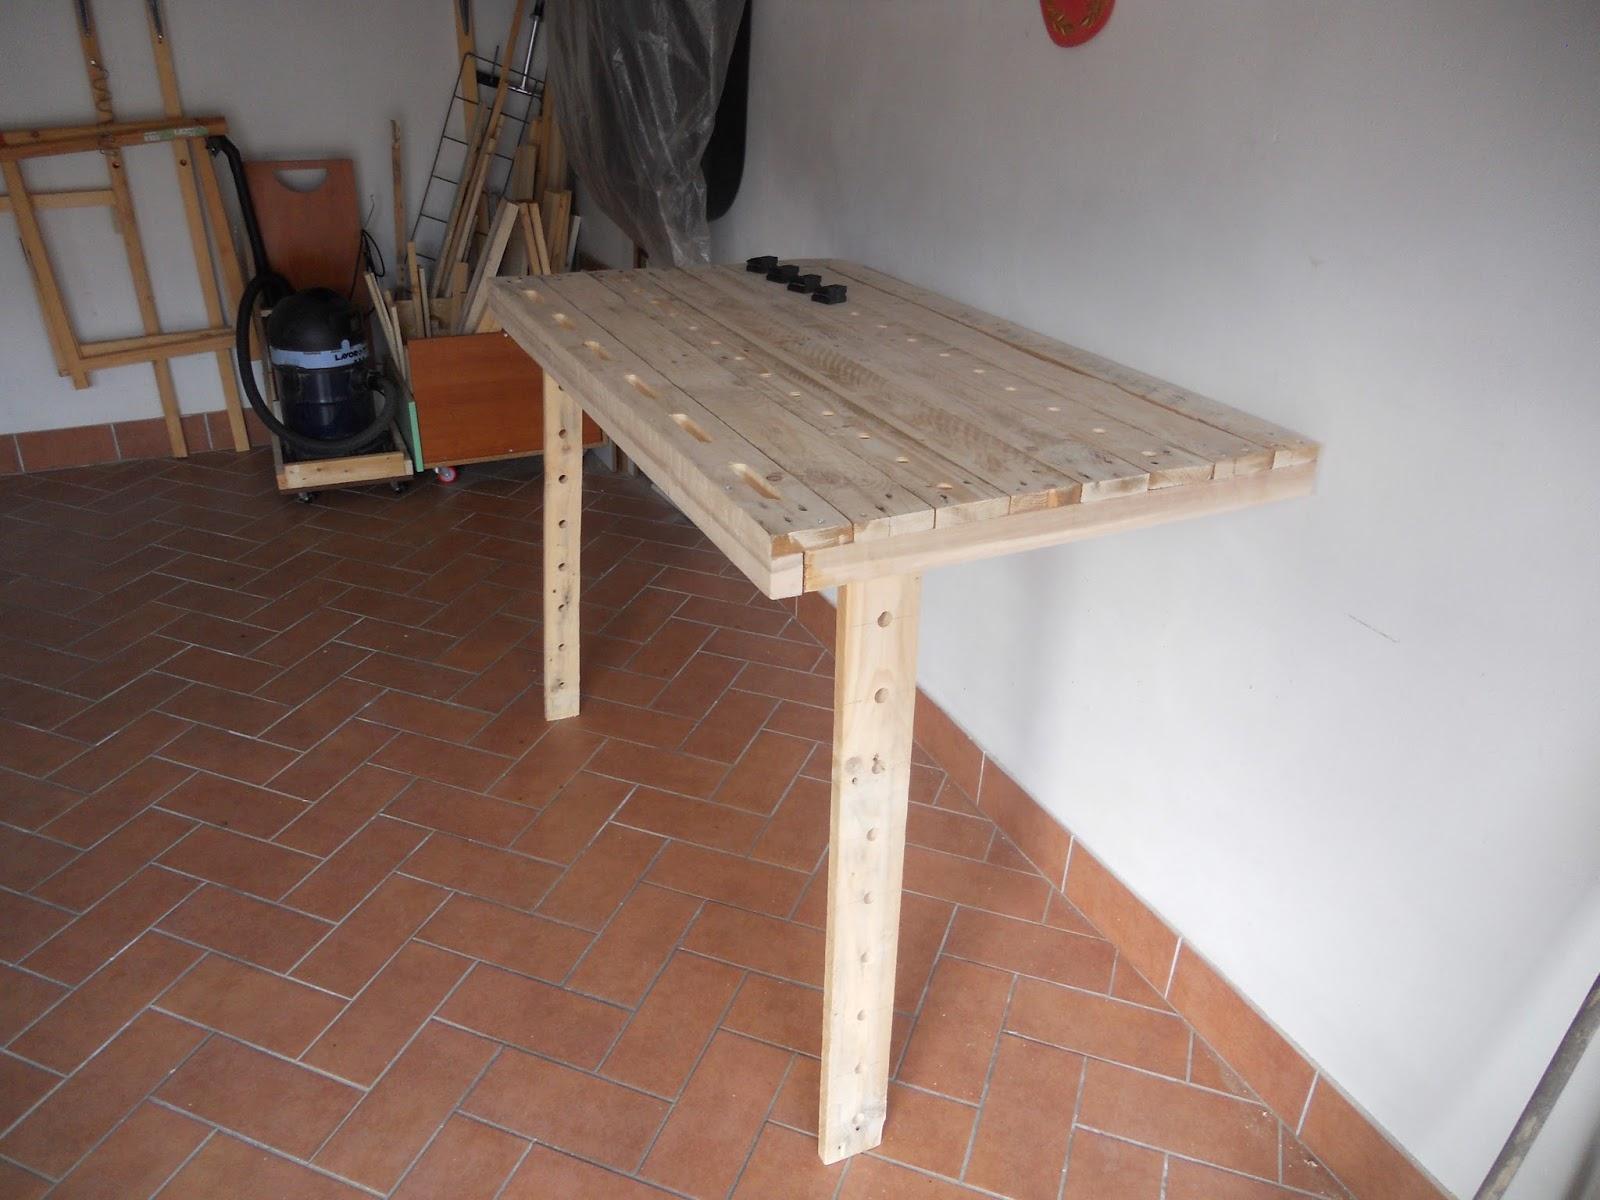 Fai da te no alpitour costruzione tavolo da lavoro pieghevole a muro - Tavolo da lavoro pieghevole ...